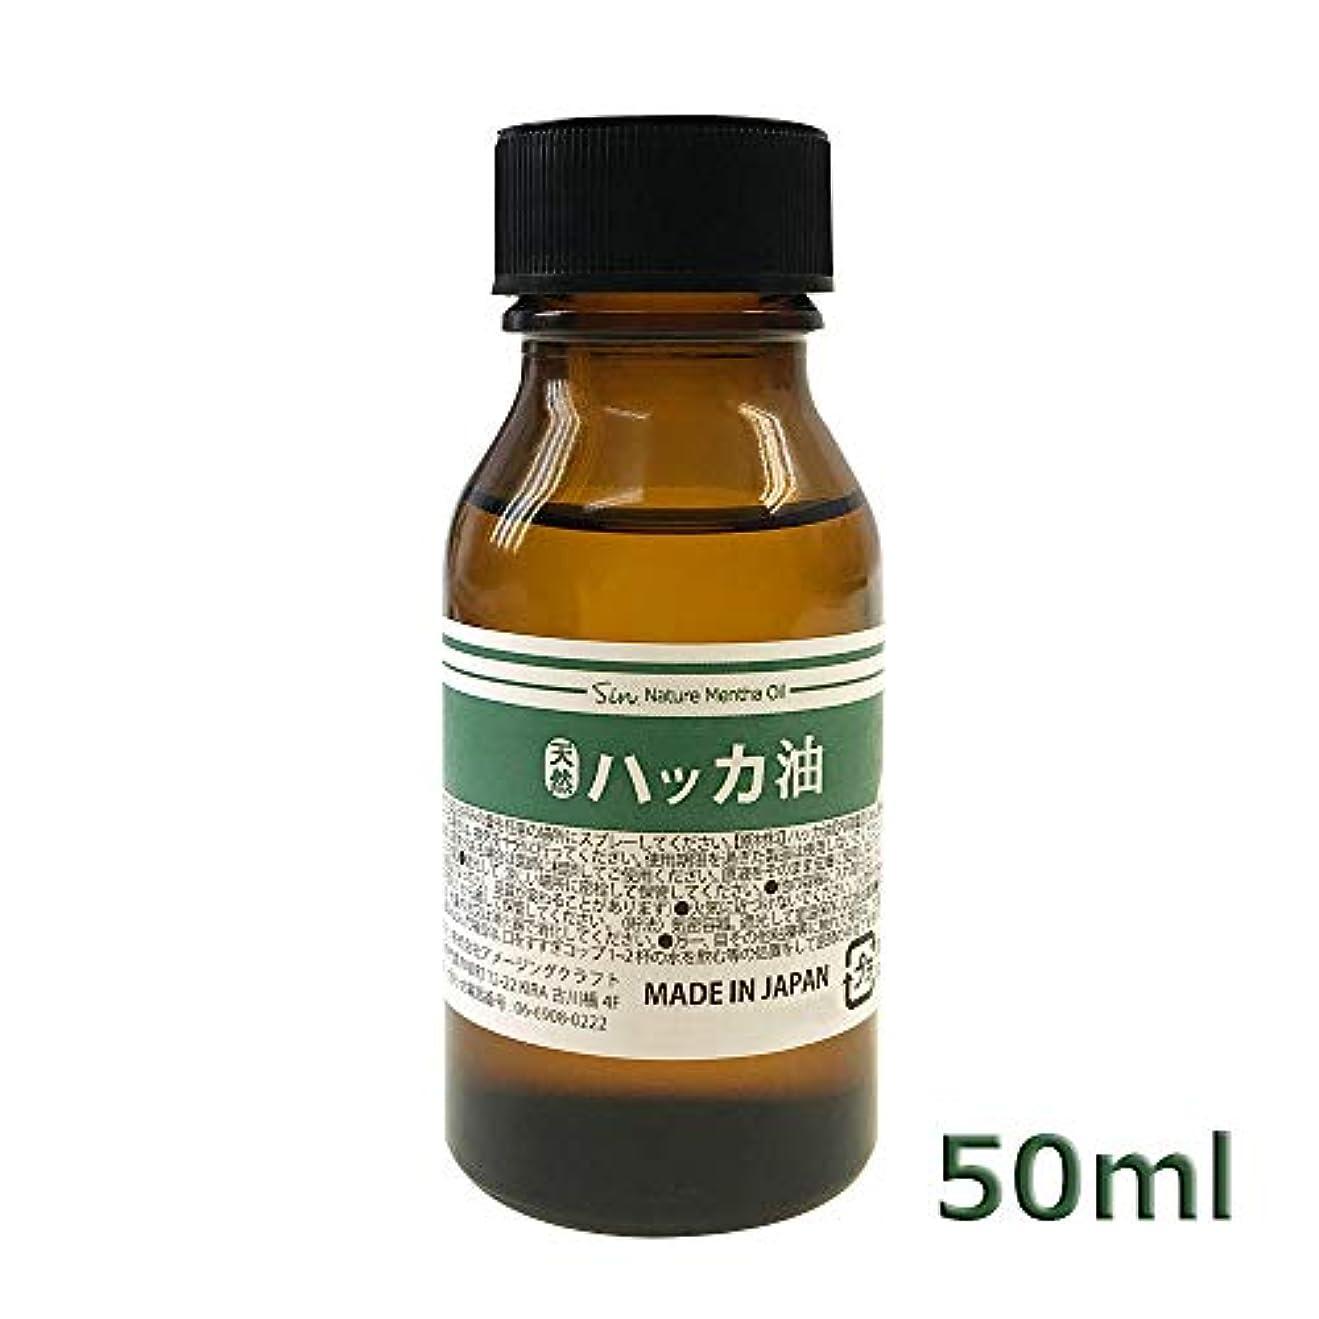 寄稿者鉄警告日本製 天然ハッカ油(ハッカオイル) 50ml